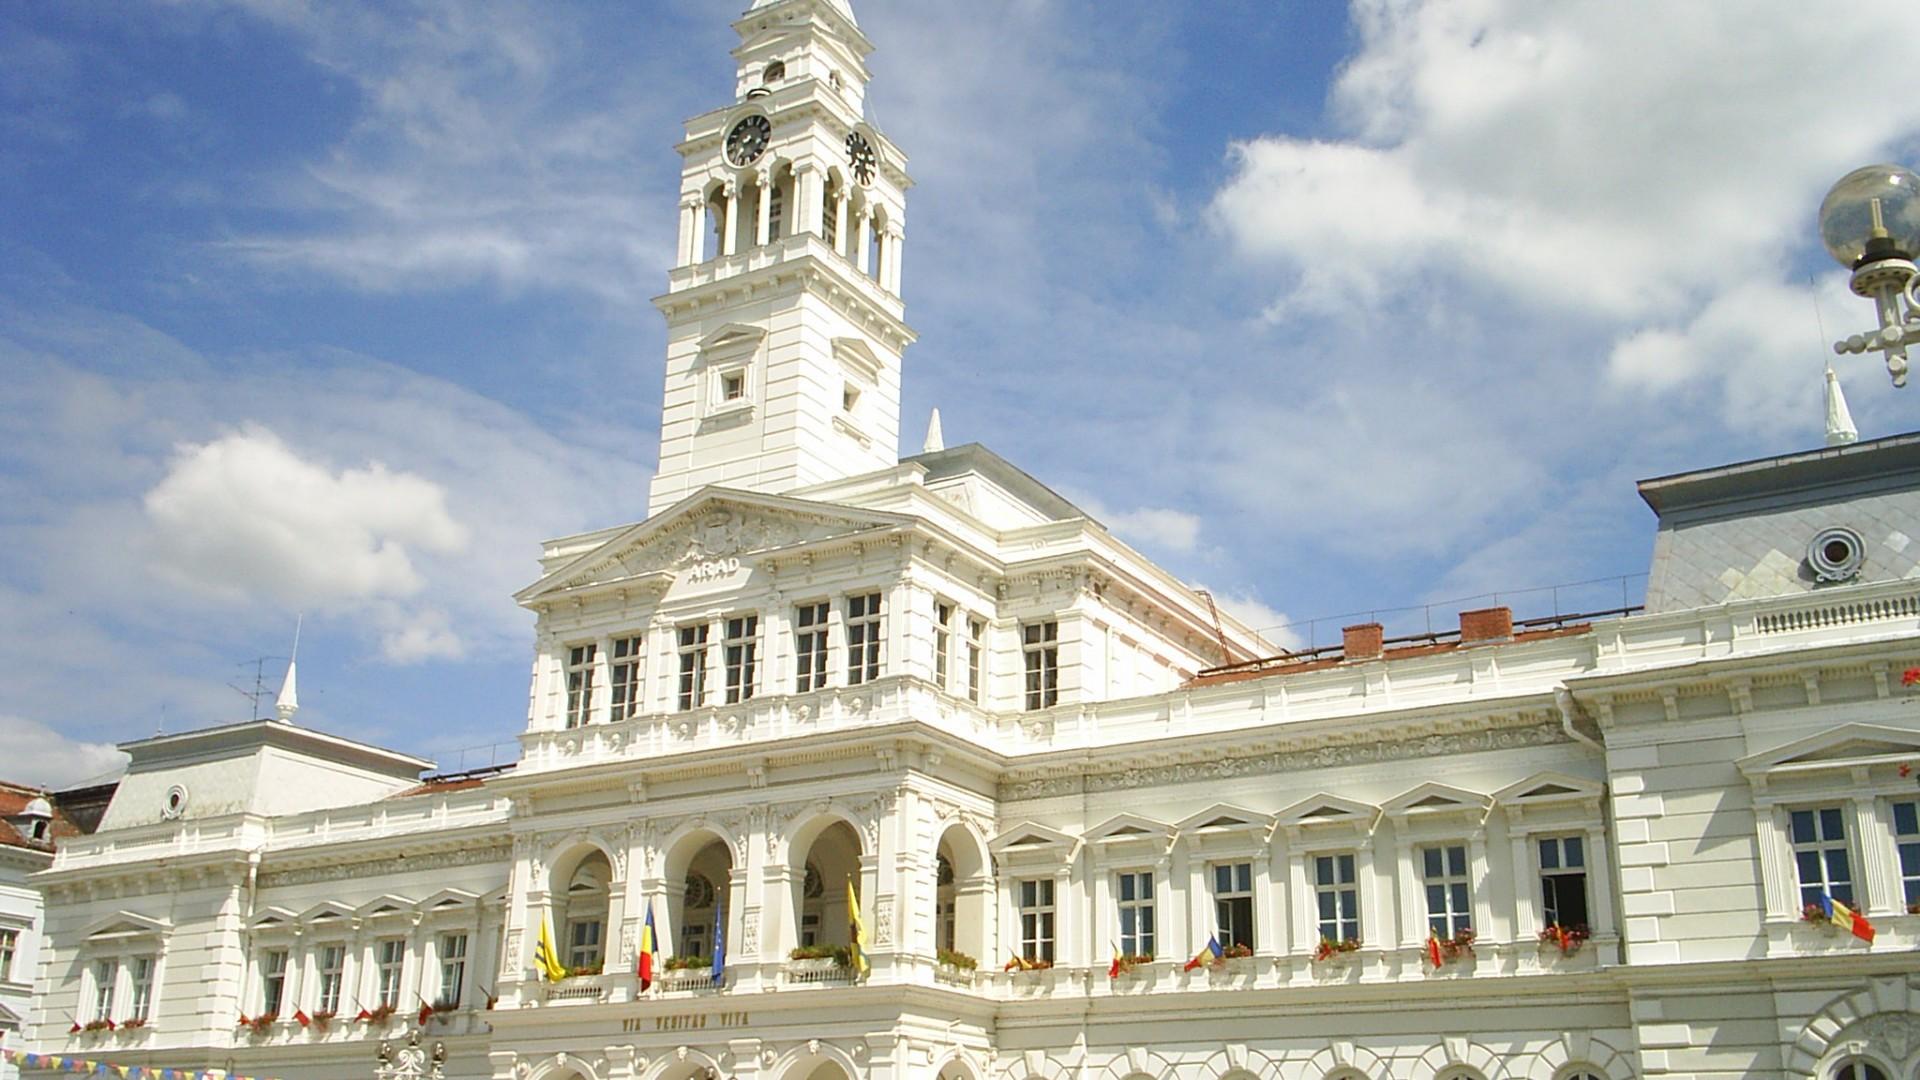 Administrația locală trebuie să fie partenerul celor care desfășoară activități economice în oraș